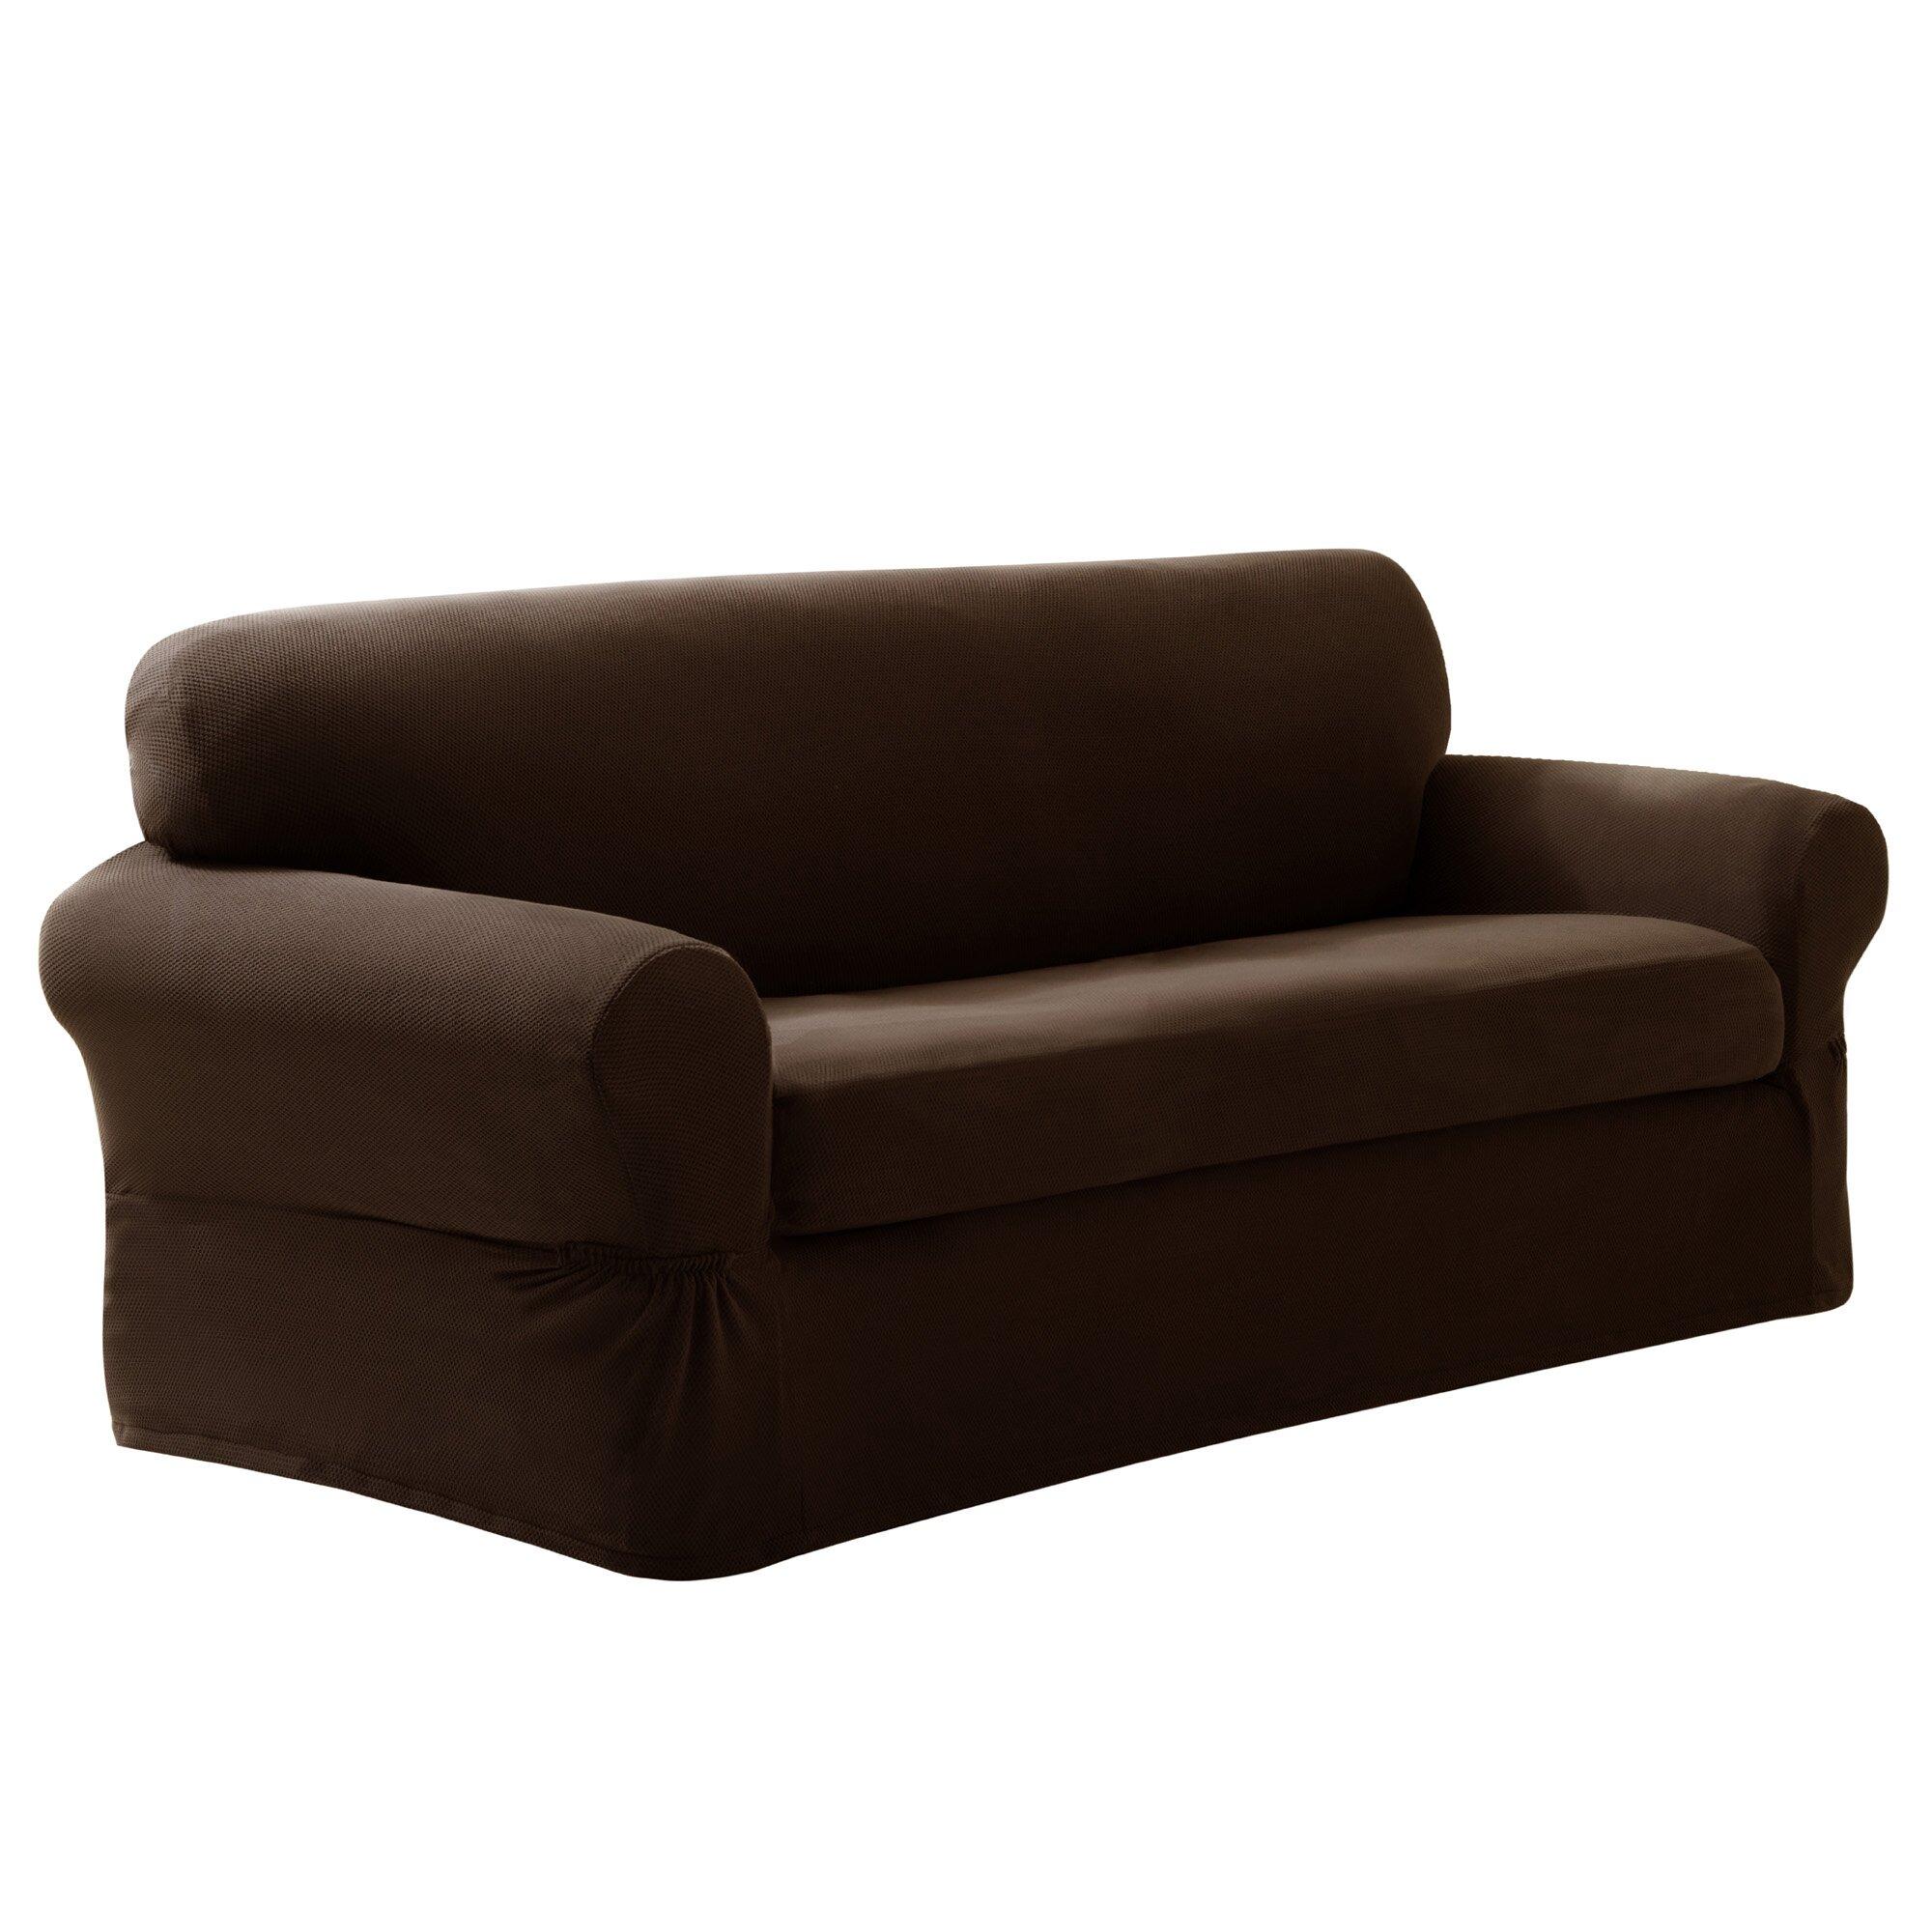 Maytex Pixel Stretch 2 Piece Sofa Box Cushion Slipcover